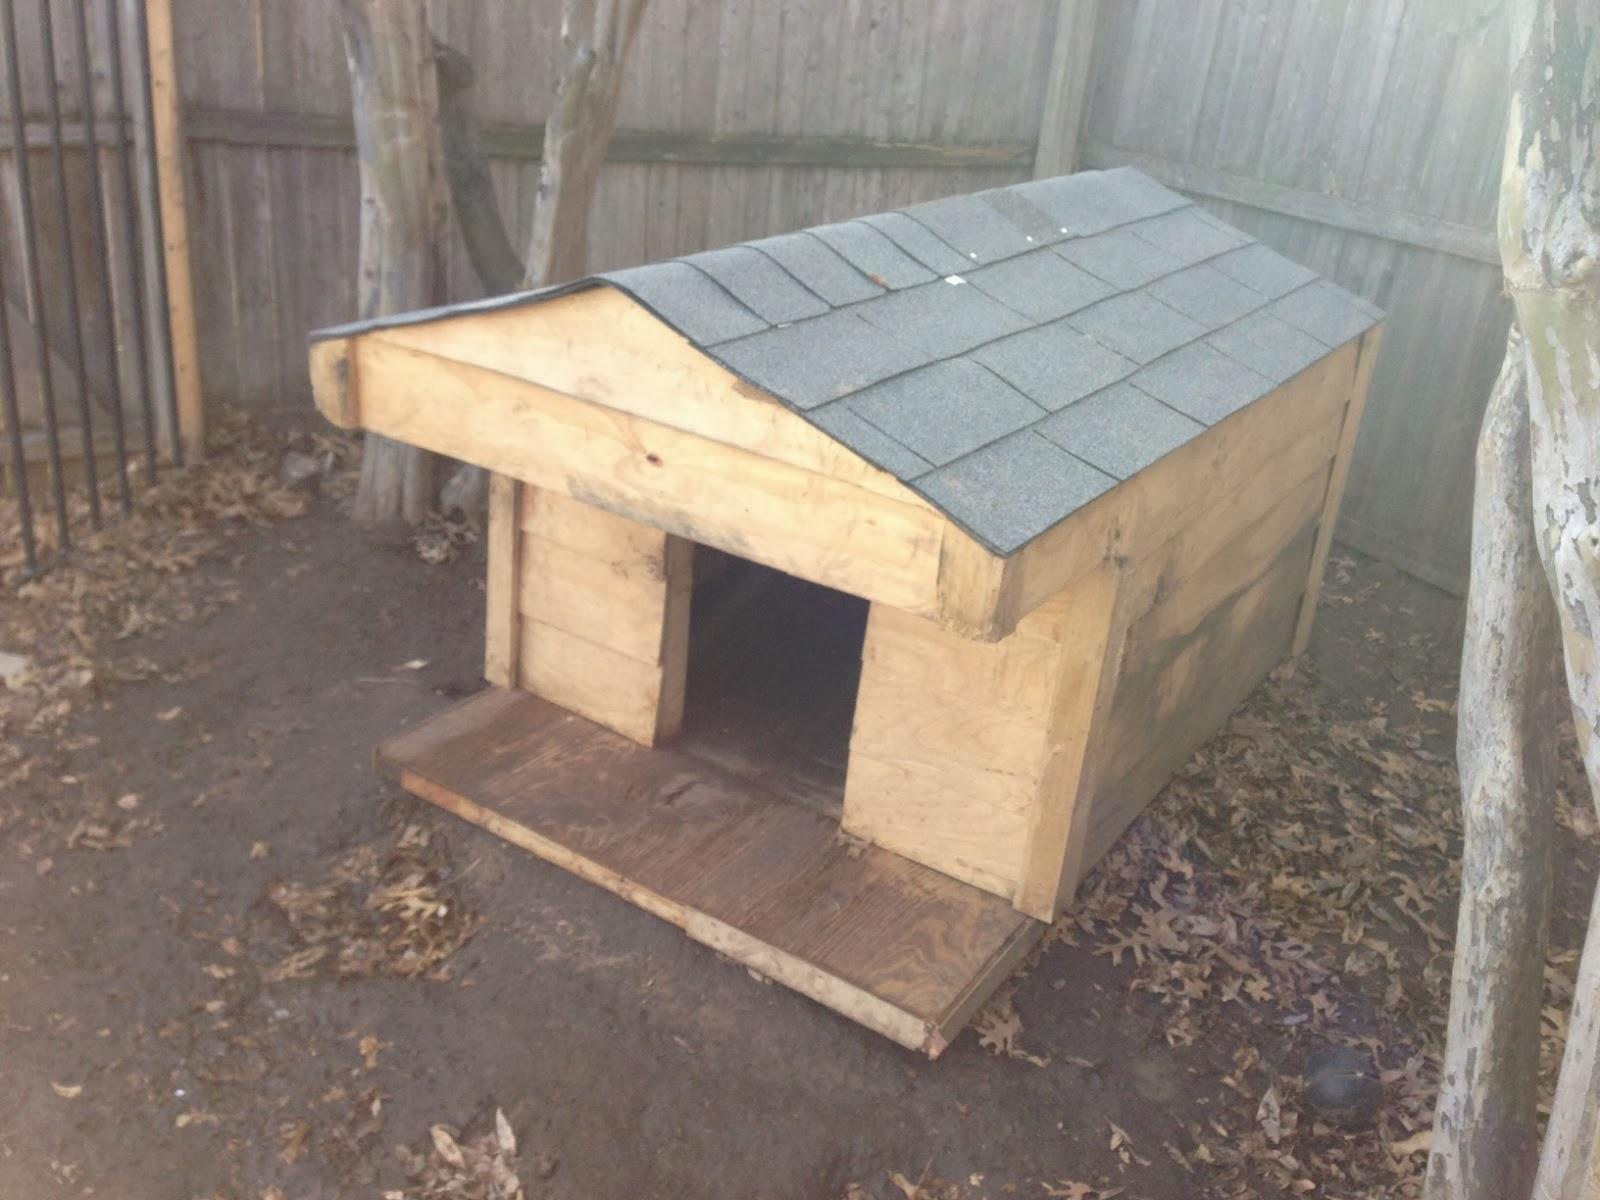 Dog houses for sale craigslist 28 images craigslist for Fish house for sale craigslist